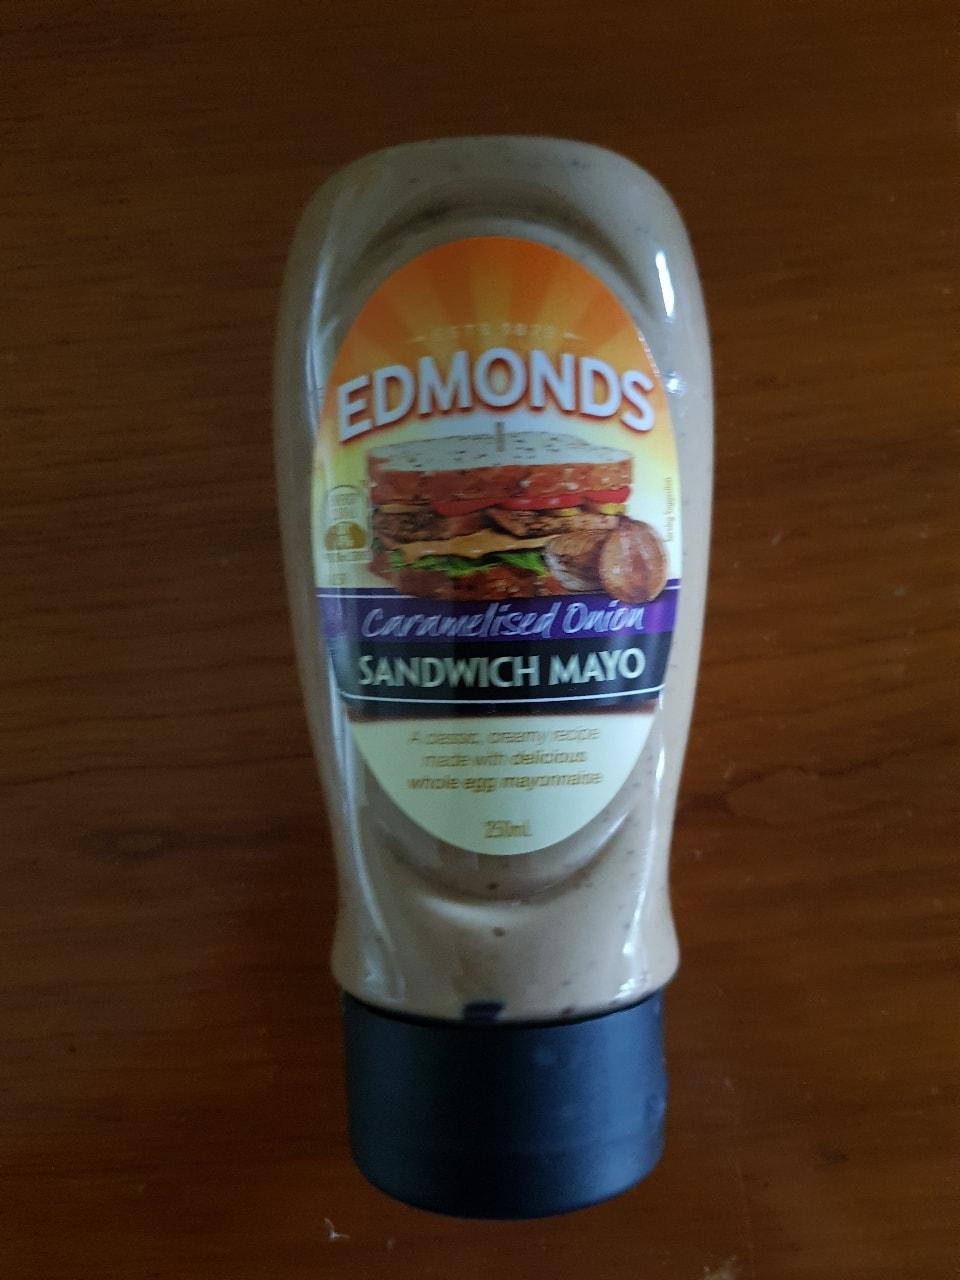 Sandwich mayo